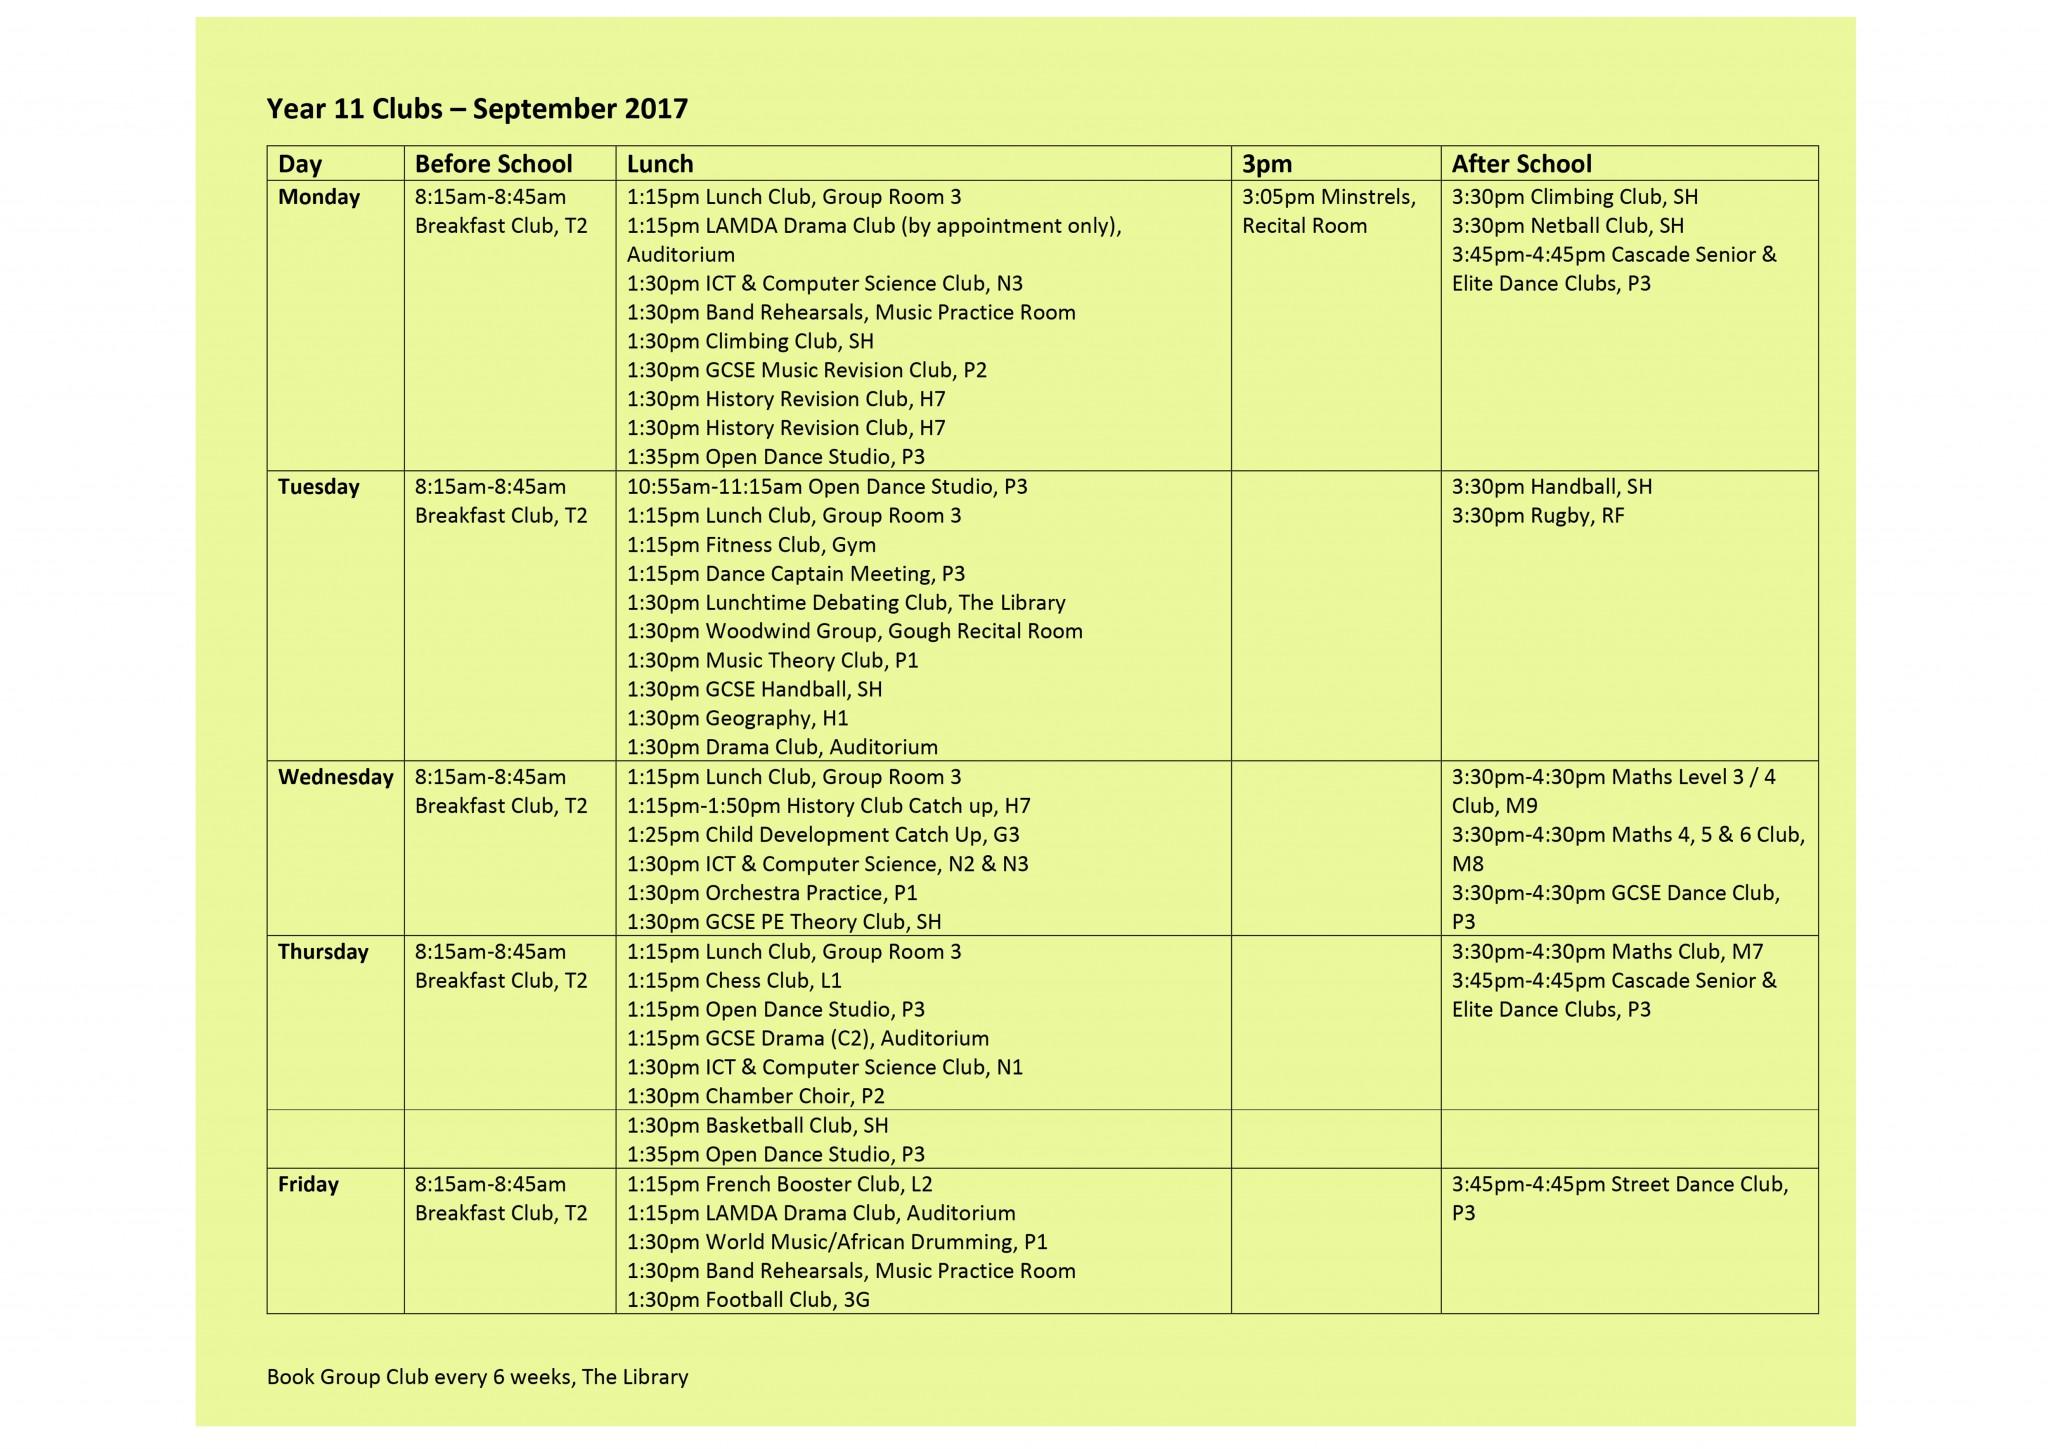 Year 11 Club List 15.9.17